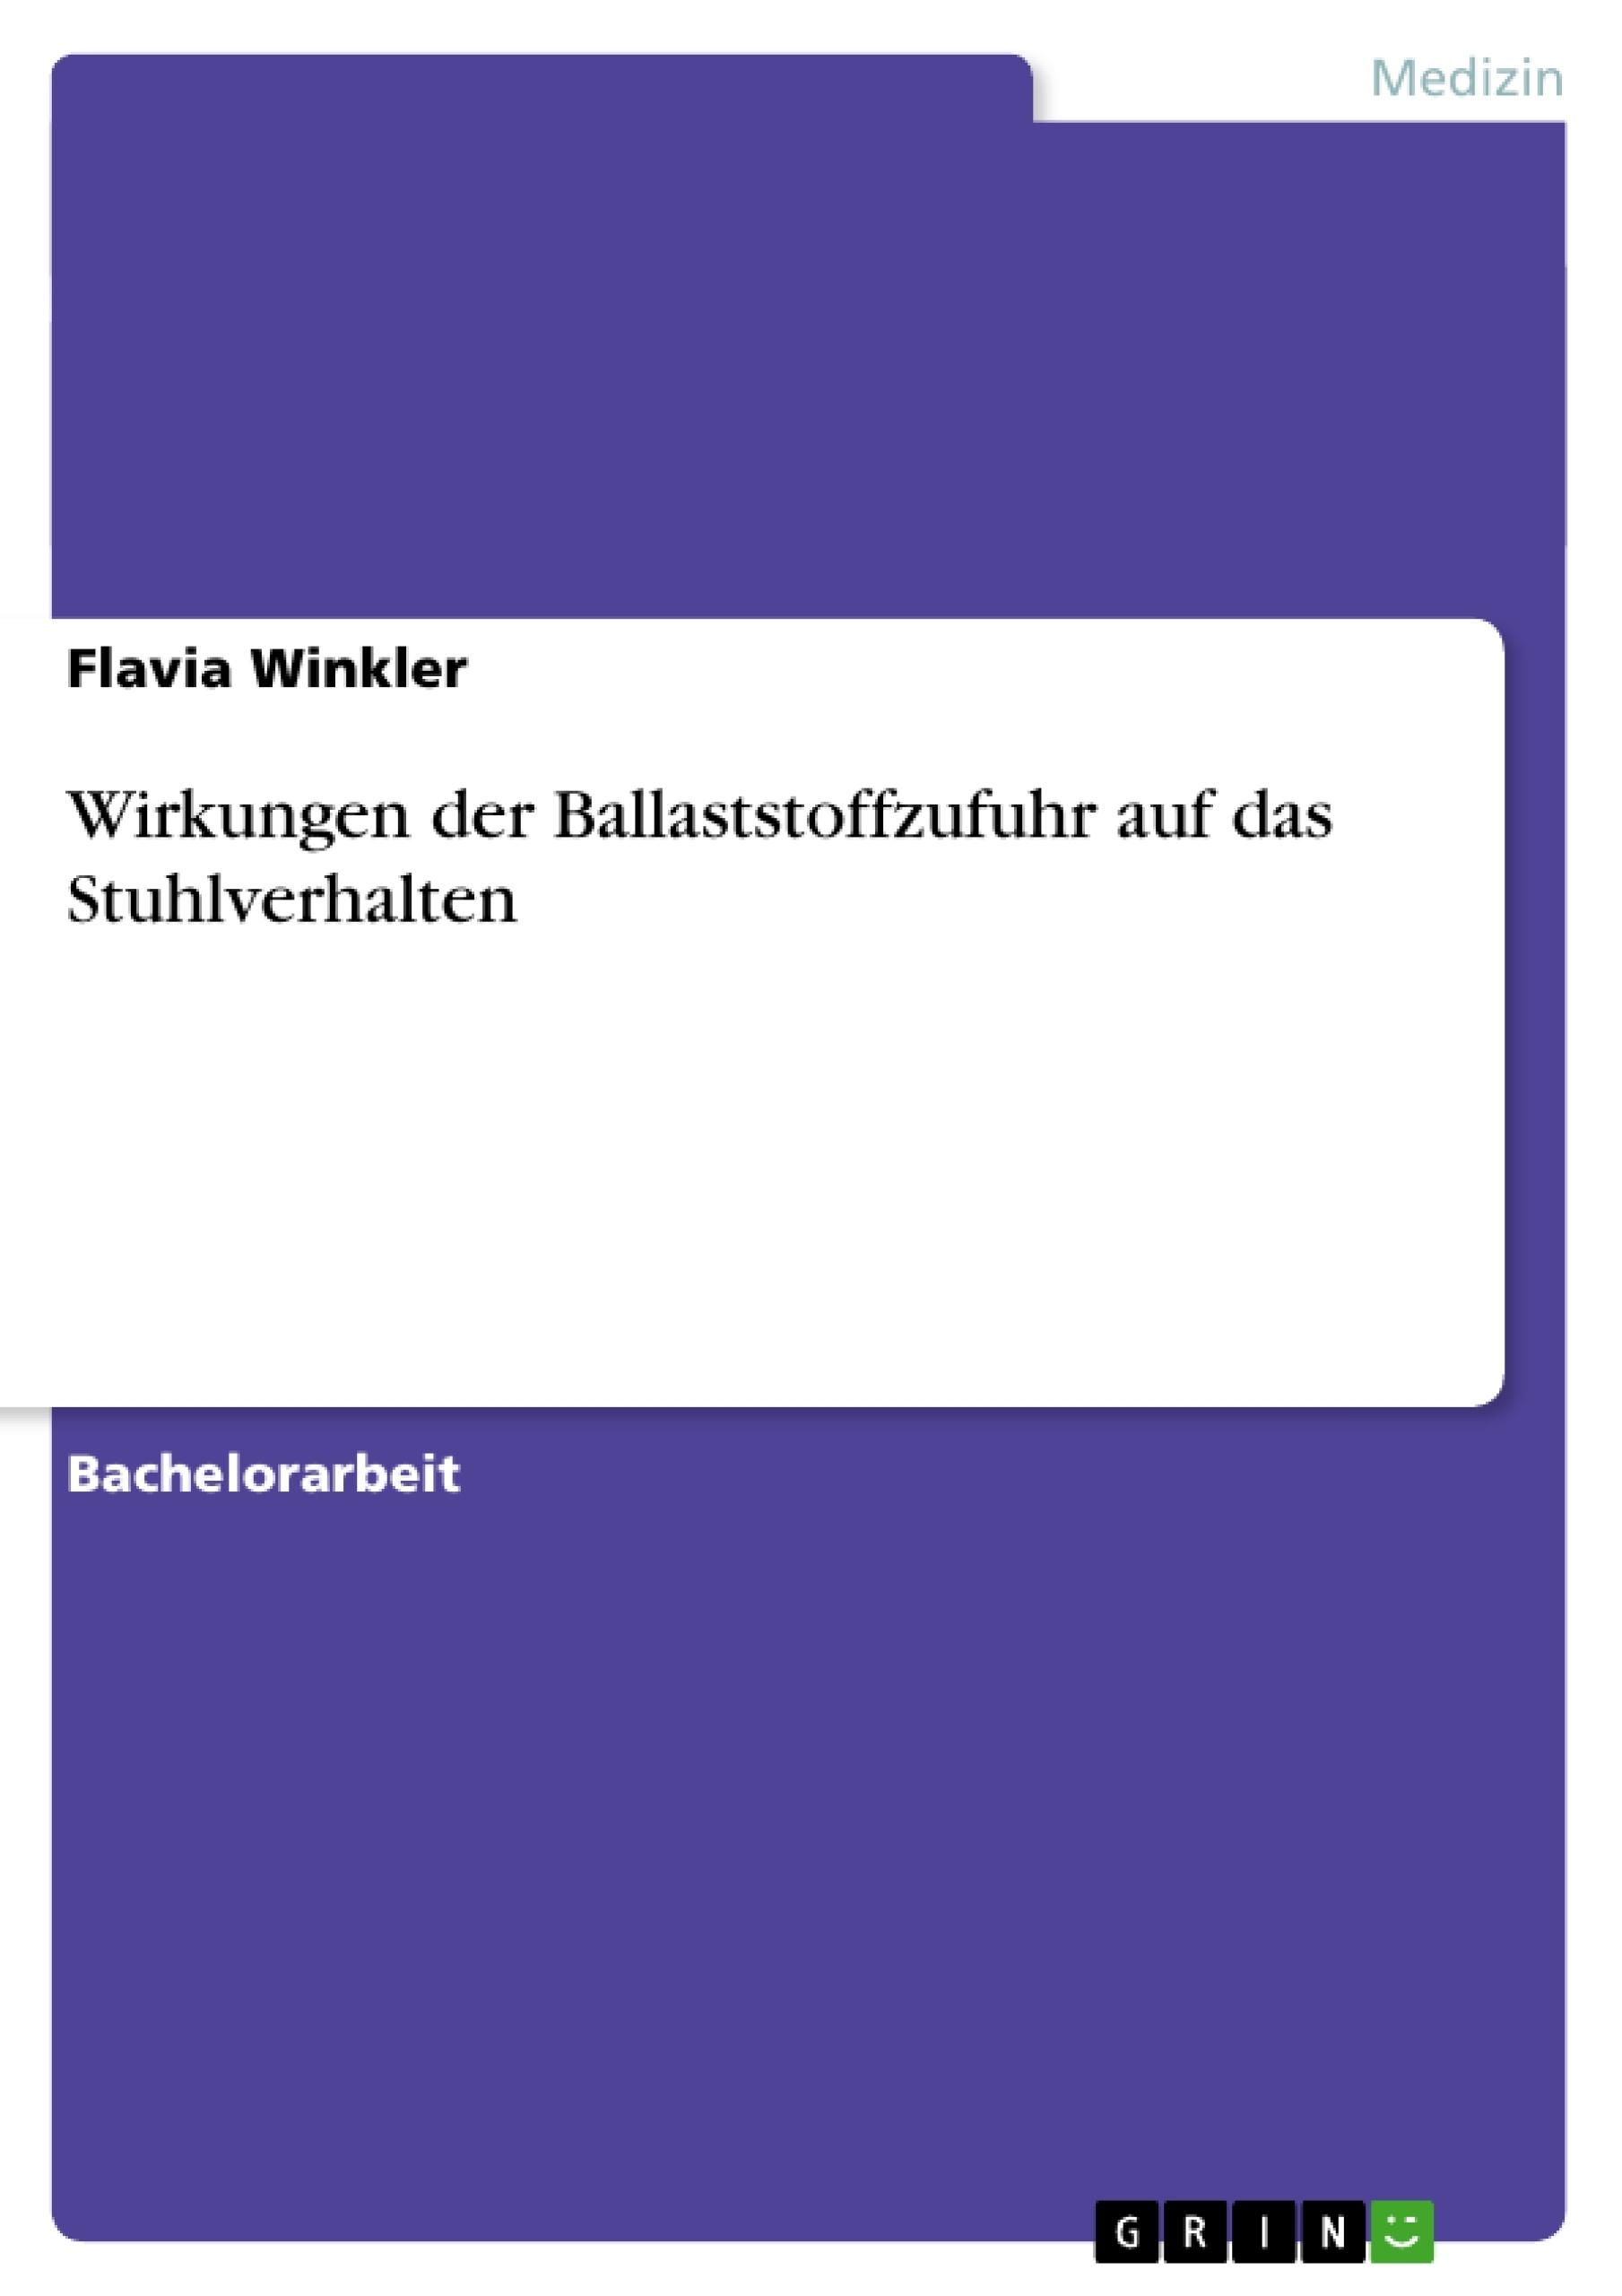 Titel: Wirkungen der Ballaststoffzufuhr auf das Stuhlverhalten